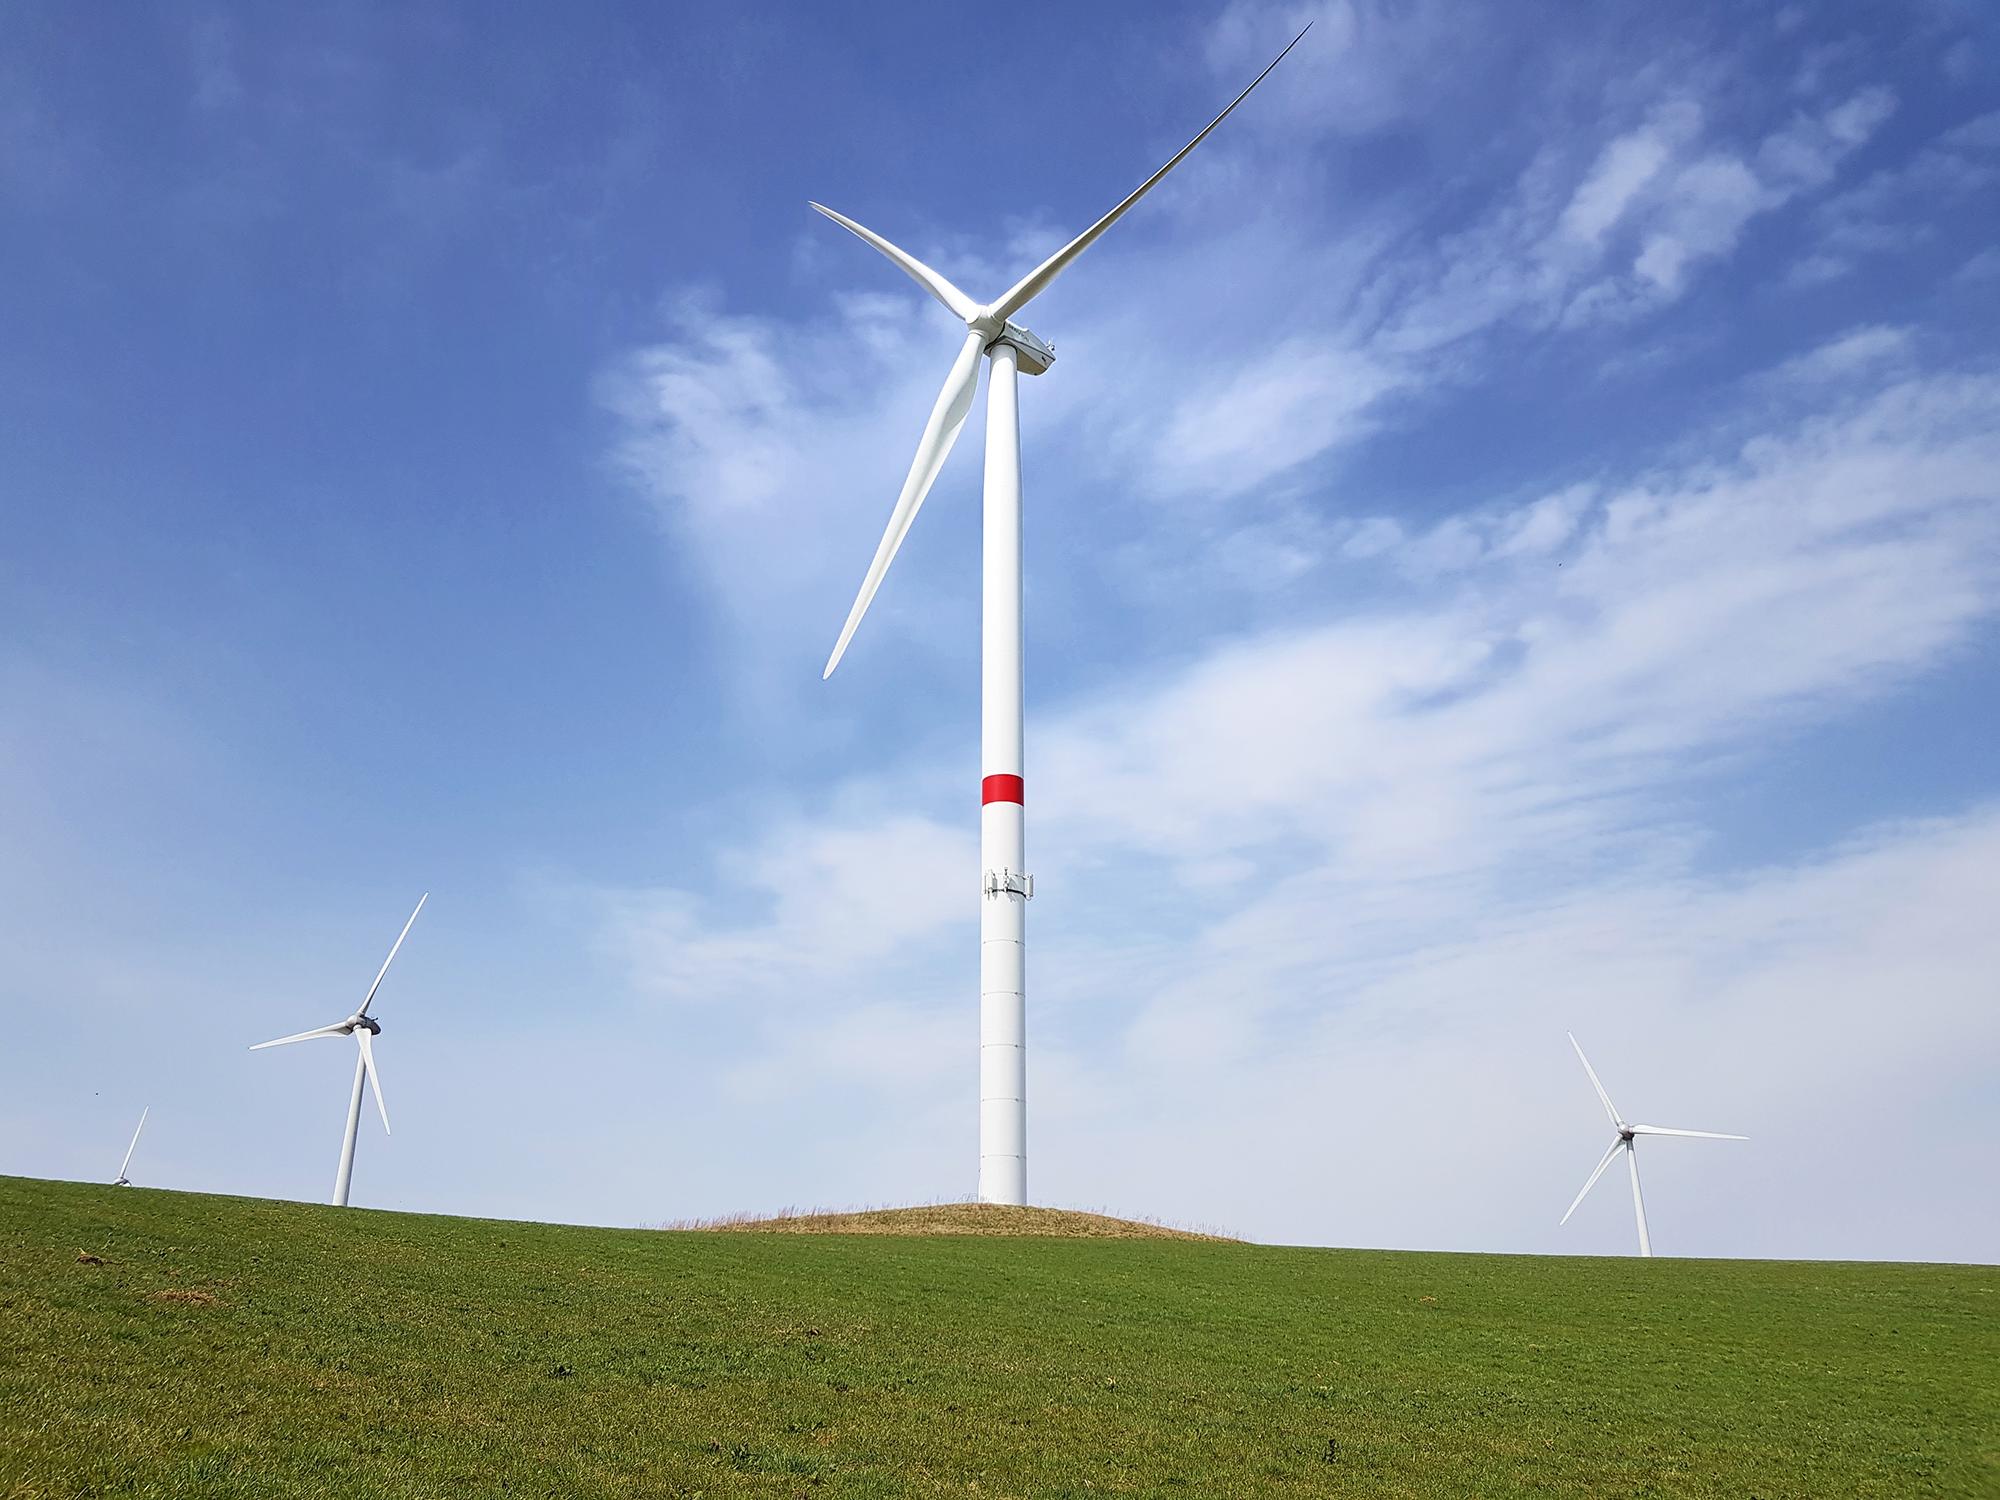 Erneuerbare Energien - liefern sie genug Strom für alle?